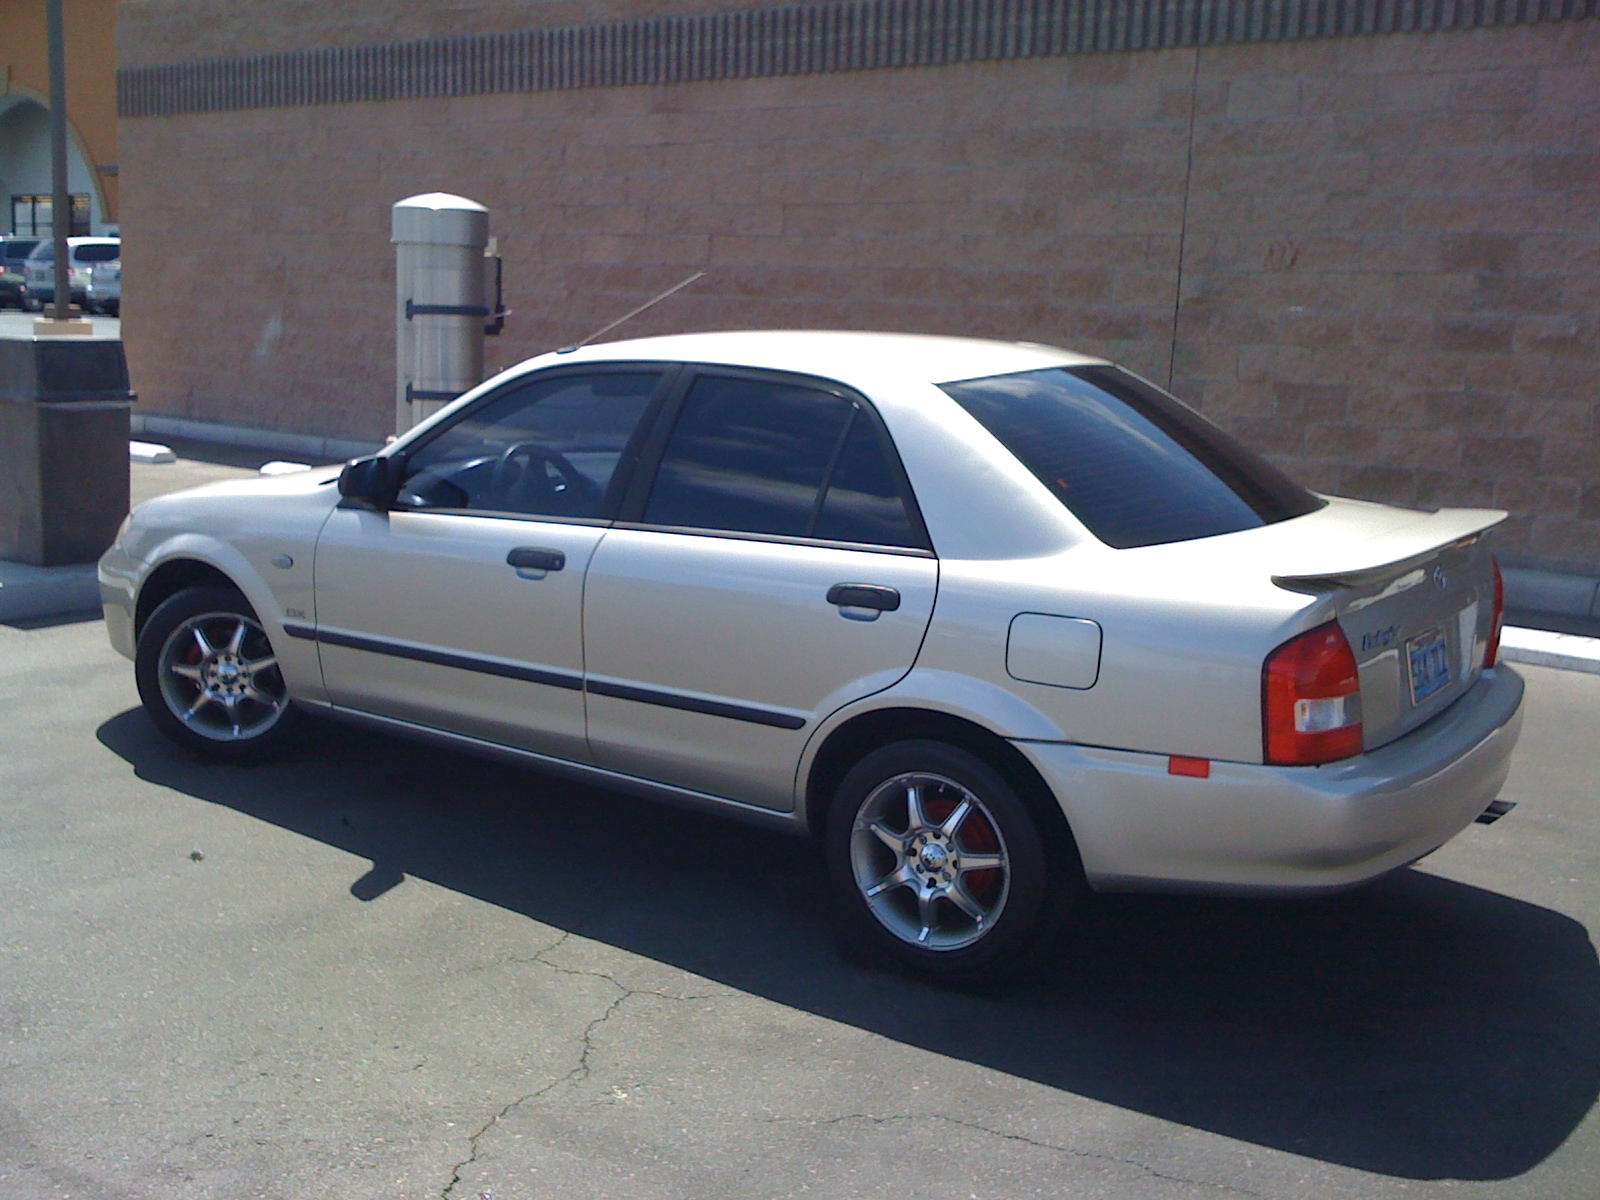 2003 Mazda Protege Exterior Pictures Cargurus